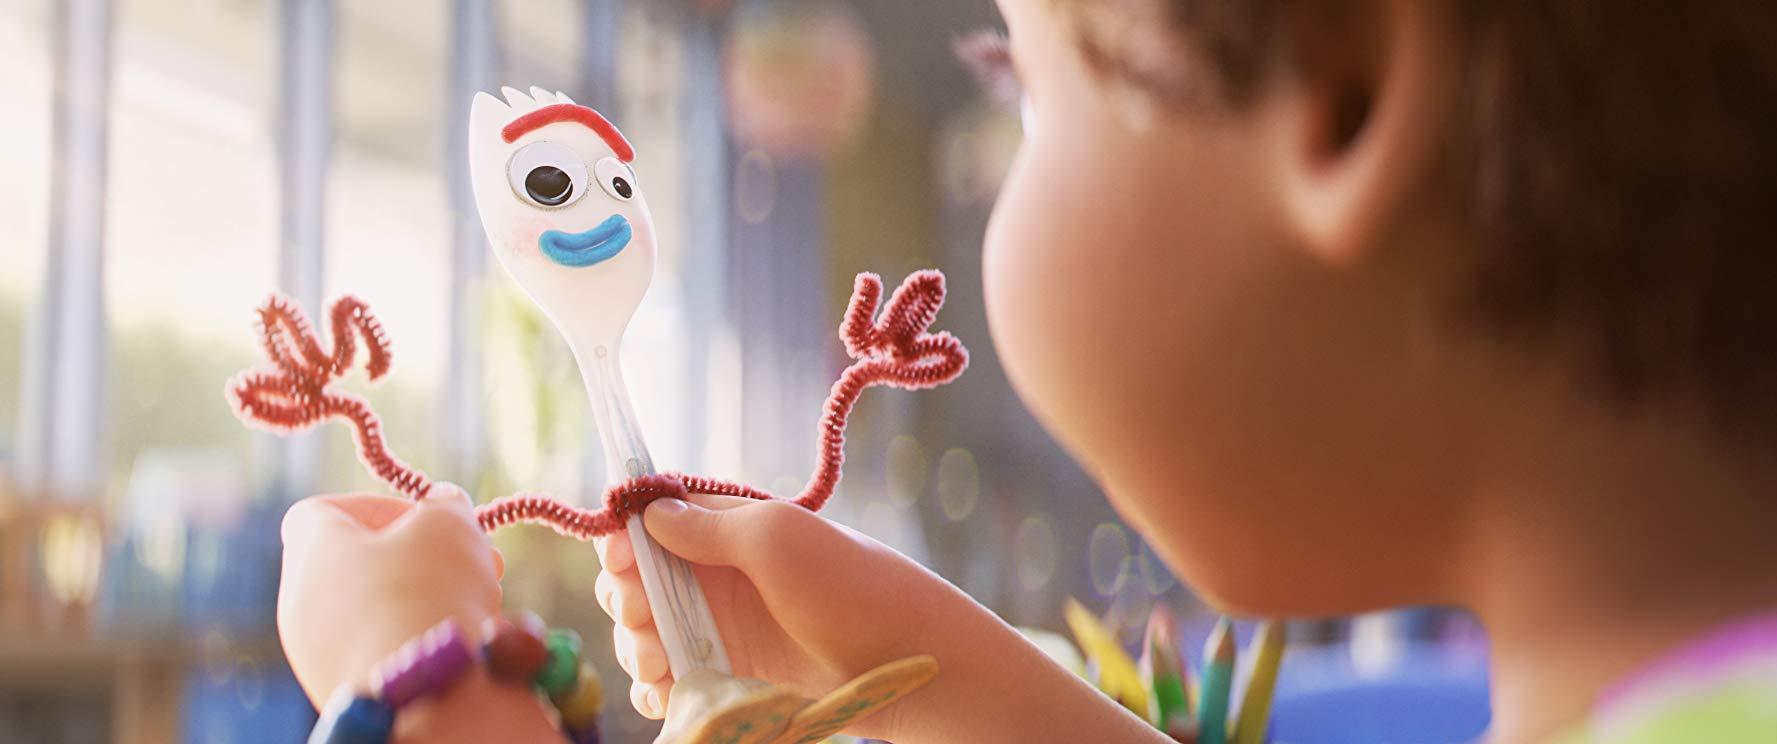 Forky el juguete creado por Bonnie en Toy Story 4